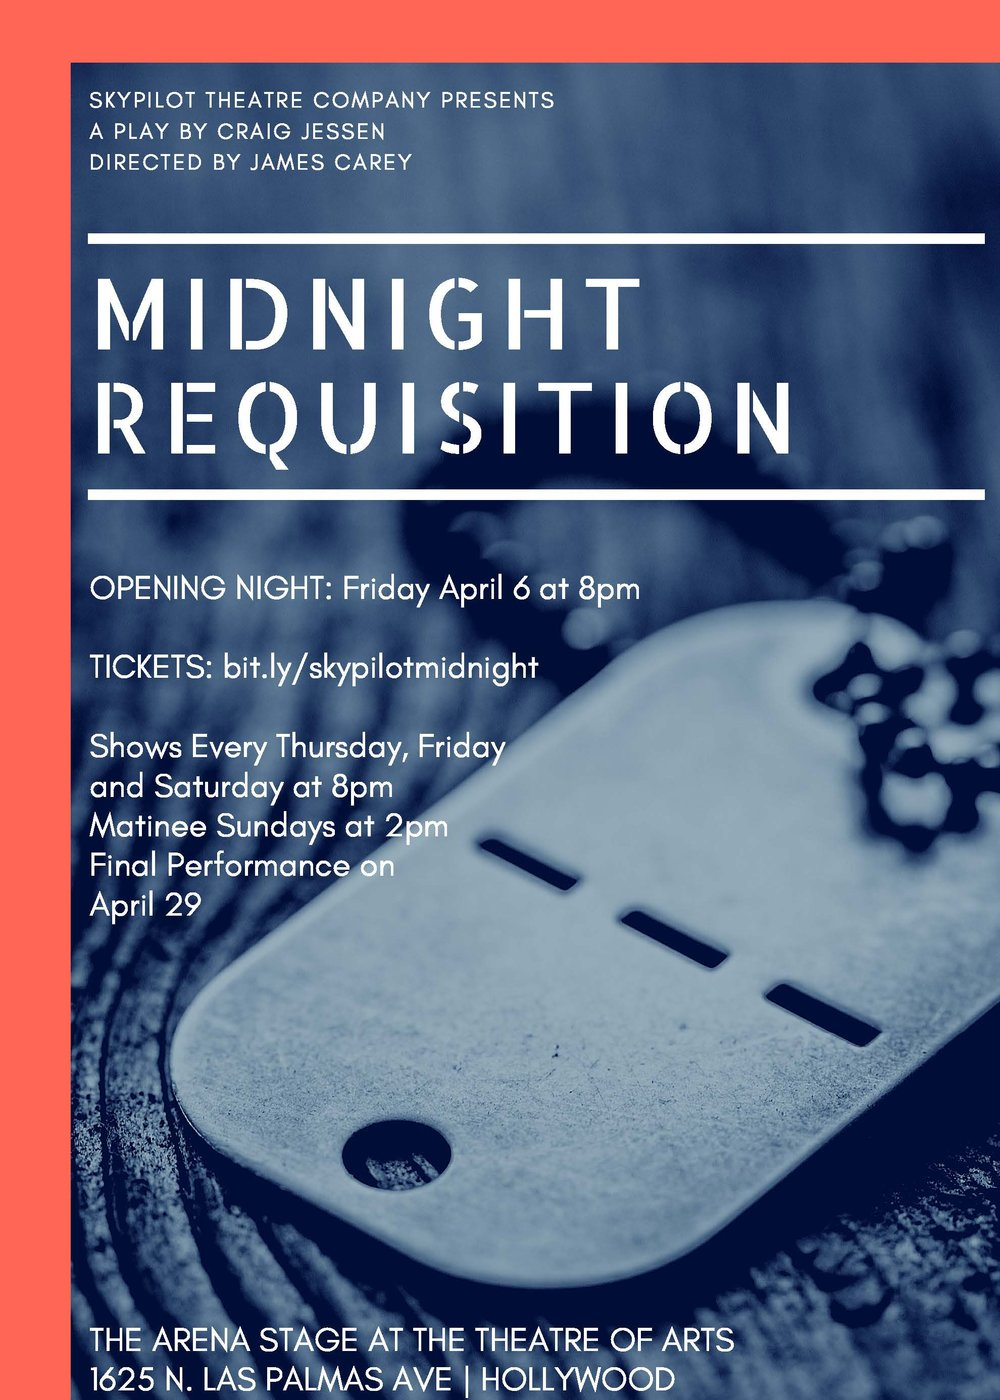 Midnight_Requisition_Flyer_V8.jpg